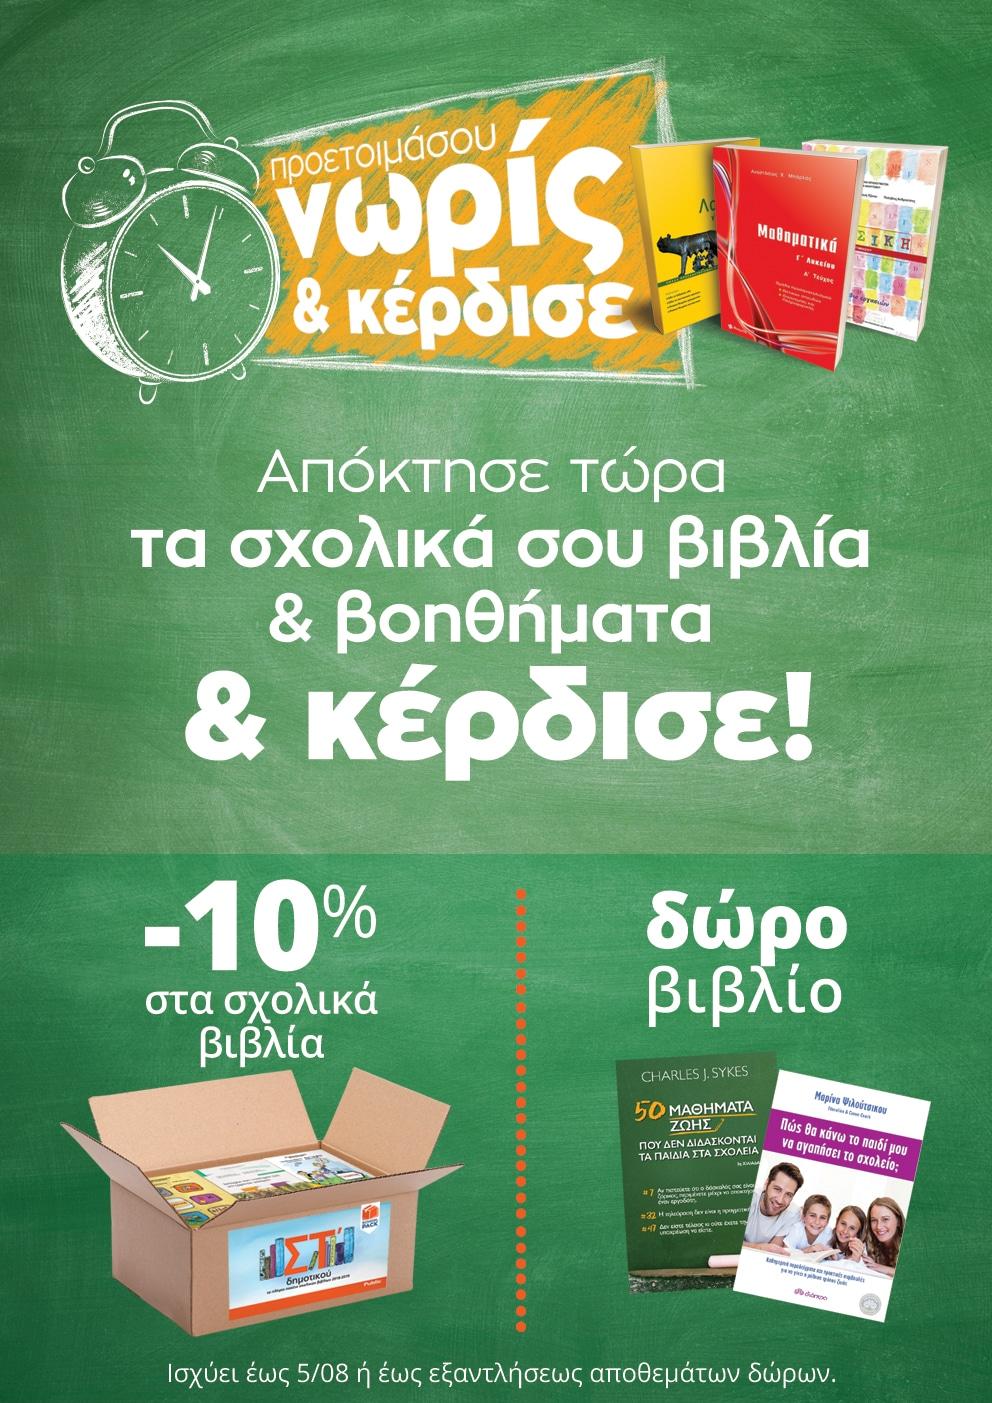 Αγόρασε από νωρίς τα σχολικά σου στο Public και επωφελήσου από τις προσφορές!